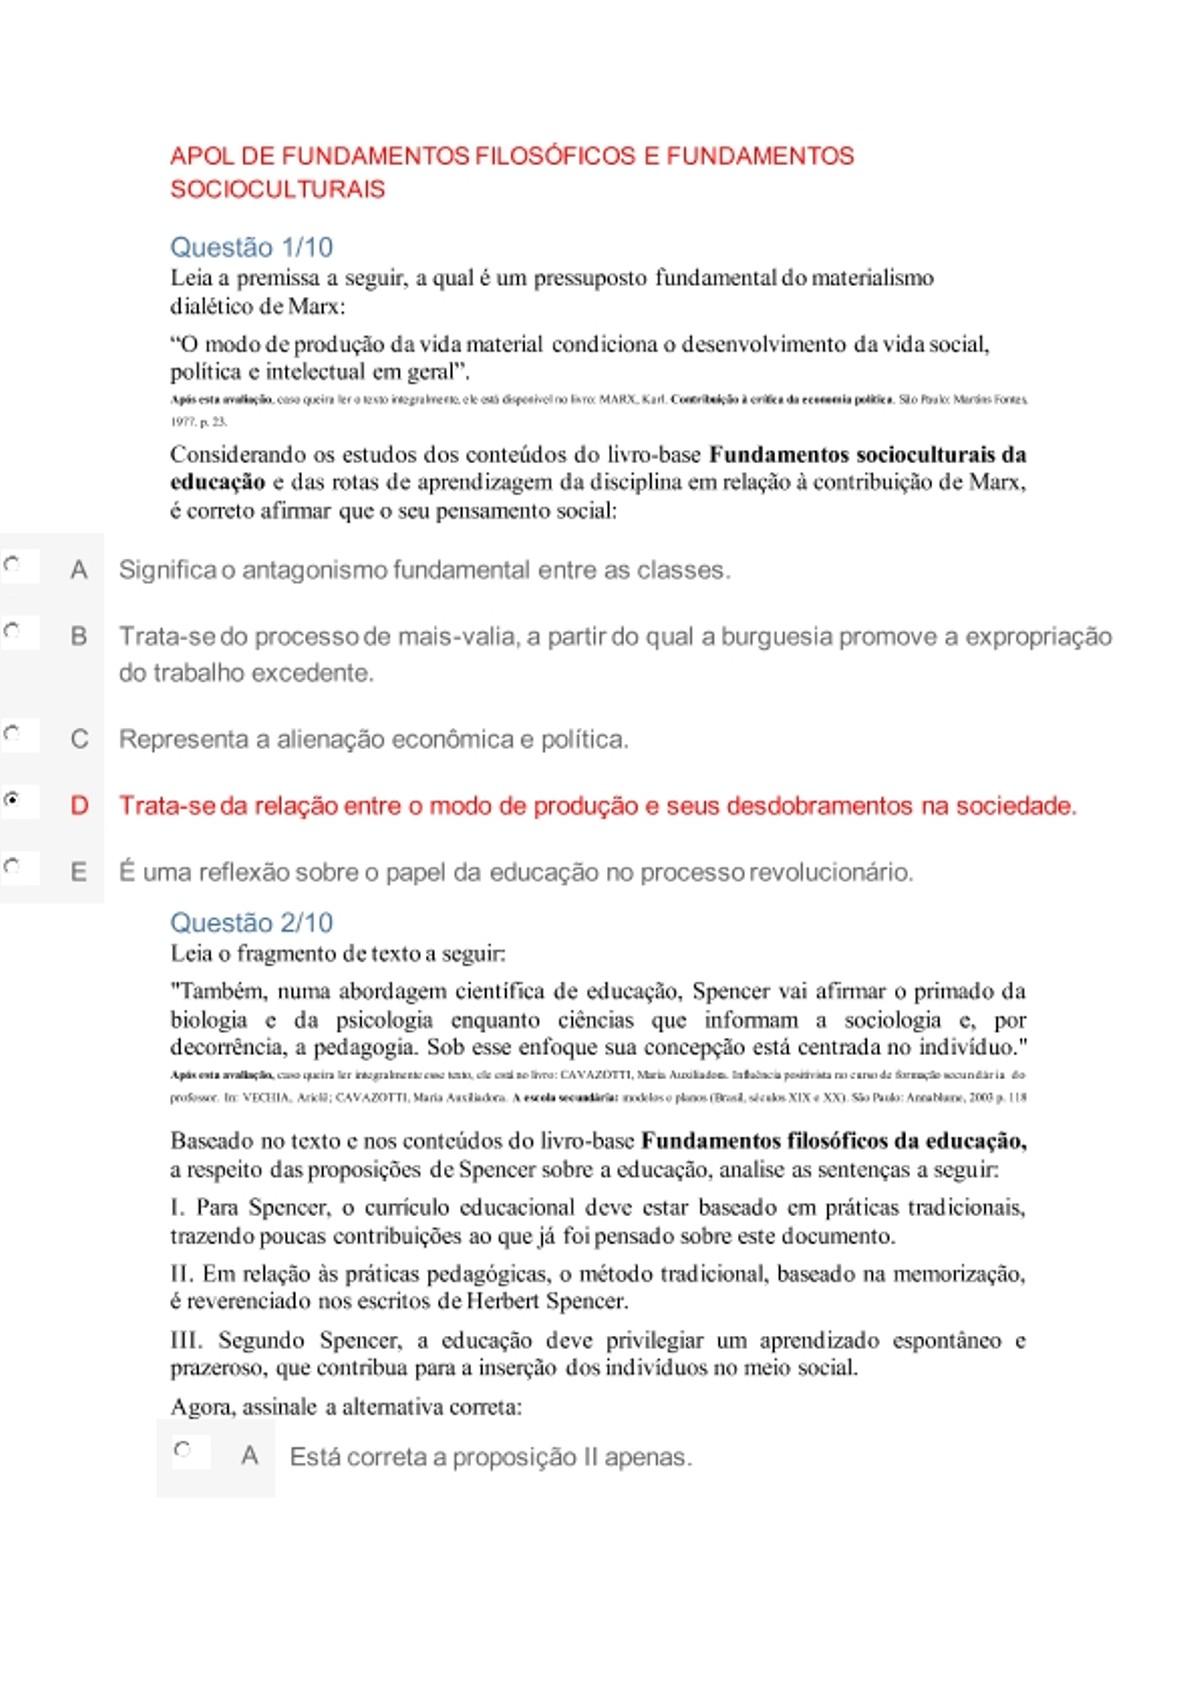 Pre-visualização do material APOL DE FUNDAMENTOS FILOSÓFICOS E FUNDAMENTOS SOCIOCULTURAIS - página 1